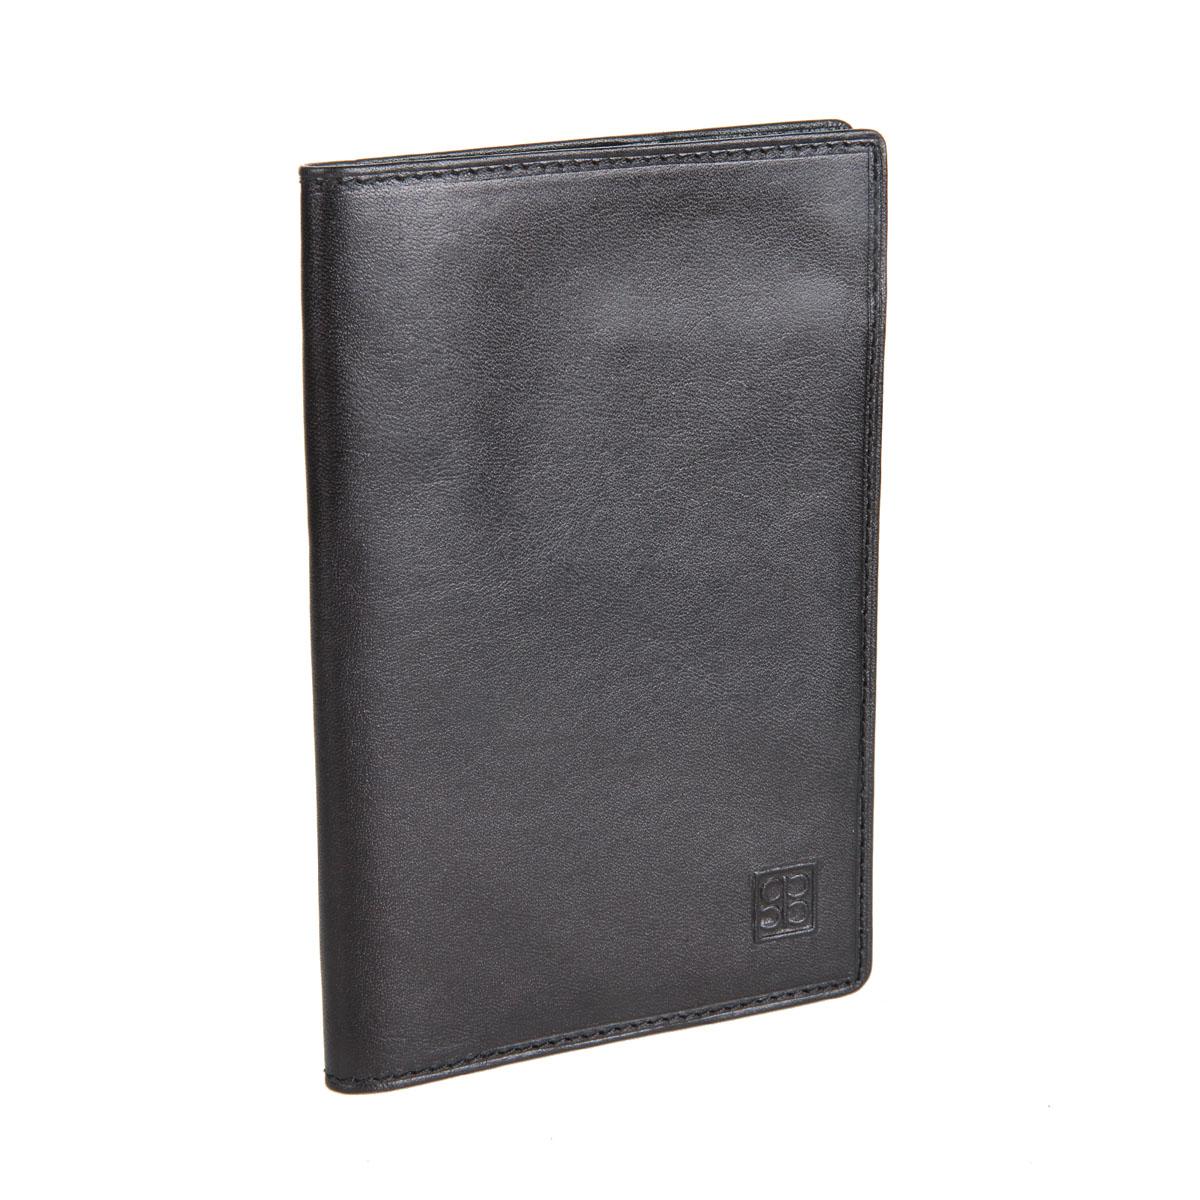 Обложка для паспорта Sergio Belotti, цвет: черный. 2464 milano2464 milano blackИзысканная обложка для паспорта Sergio Belotti выполнена из натуральной высококачественной кожи. На лицевой стороне изделие оформлено тиснением в виде логотипа бренда, на внутренней стороне - в виде названия бренда. Внутри расположены карман-уголок с кармашком для кредитной карты и кармашком для sim-карты и один карман с окошком из прозрачного пластика. Изделие упаковано в фирменную коробку. Модная обложка для паспорта не только поможет сохранить внешний вид вашего документа и защитить его от повреждений, но и станет стильным аксессуаром, который прекрасно дополнит ваш образ.